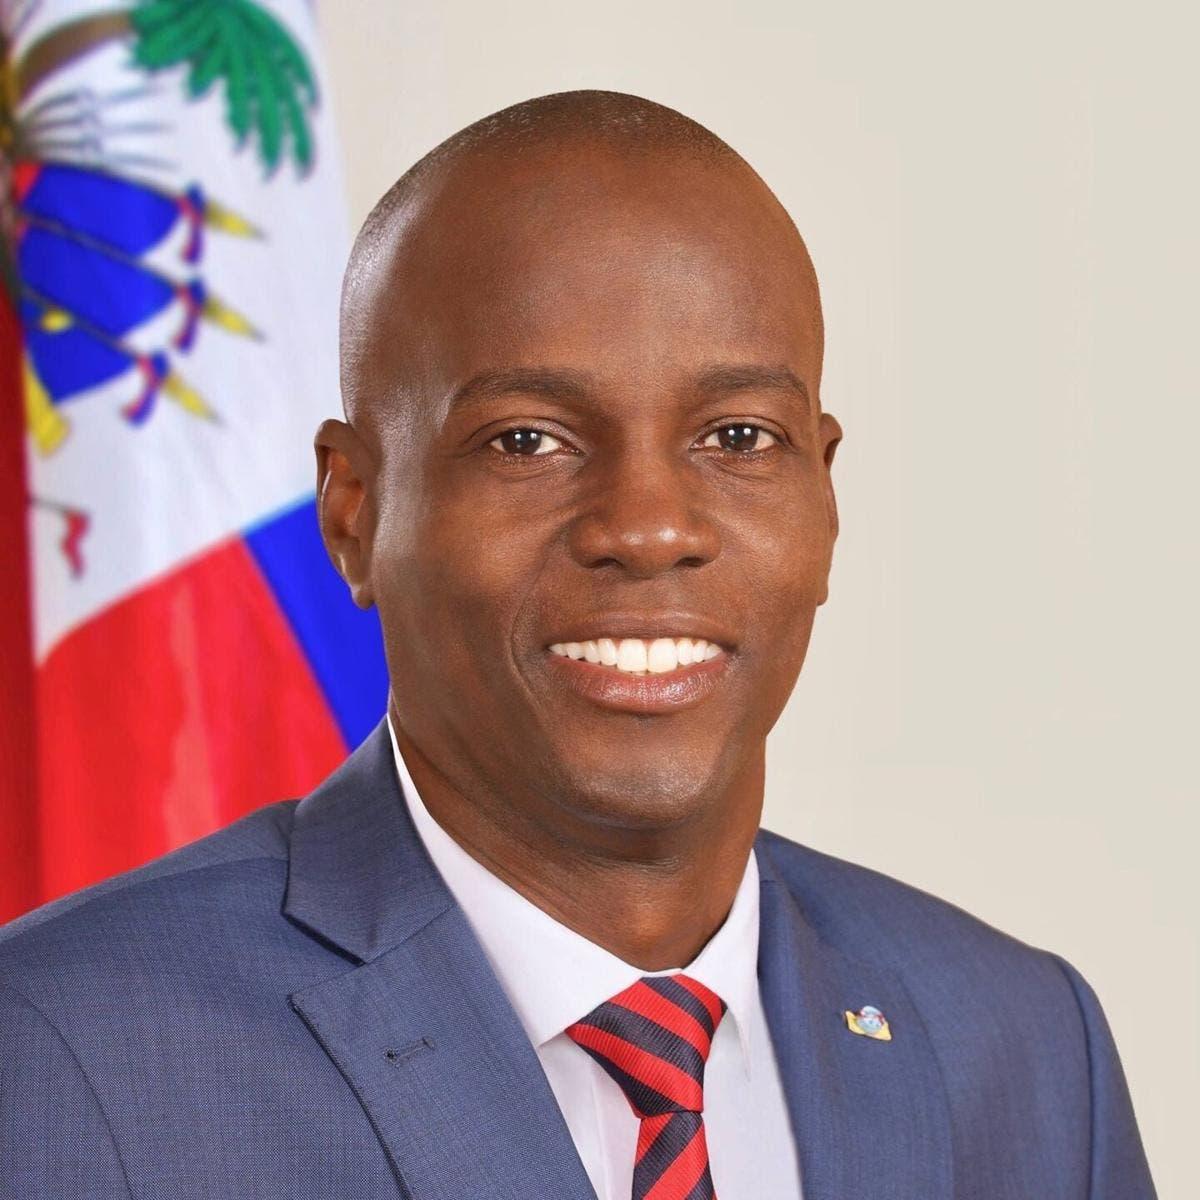 Sociedad Civil de Haití denuncia golpe de Estado y rechazan ocupación extranjera